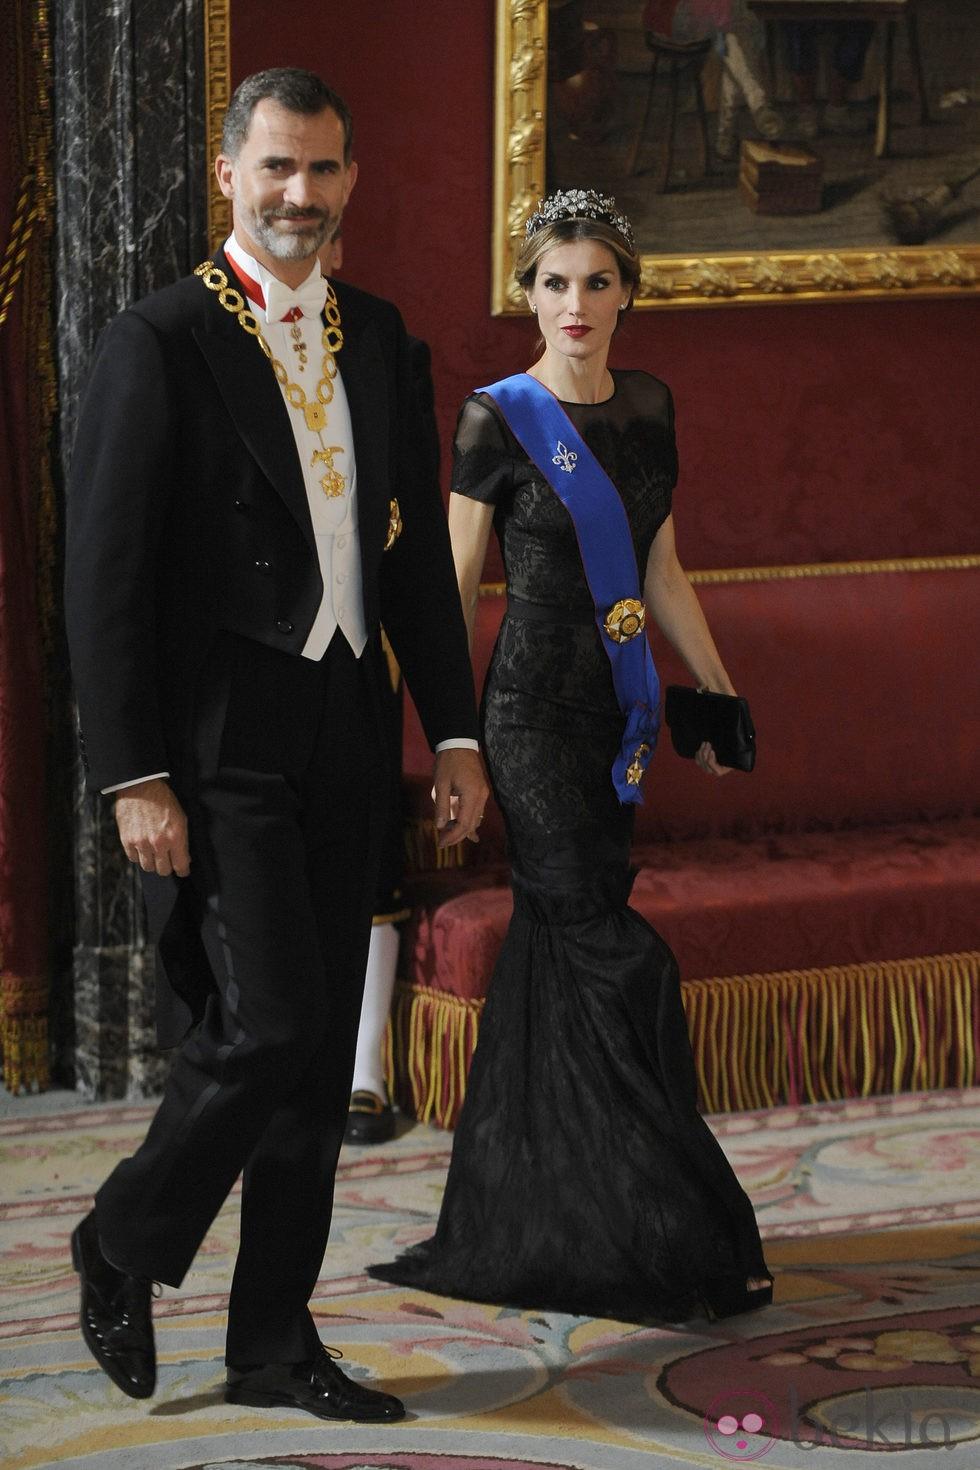 Los Reyes Felipe y Letizia llegando a su primera cena de gala como Reyes